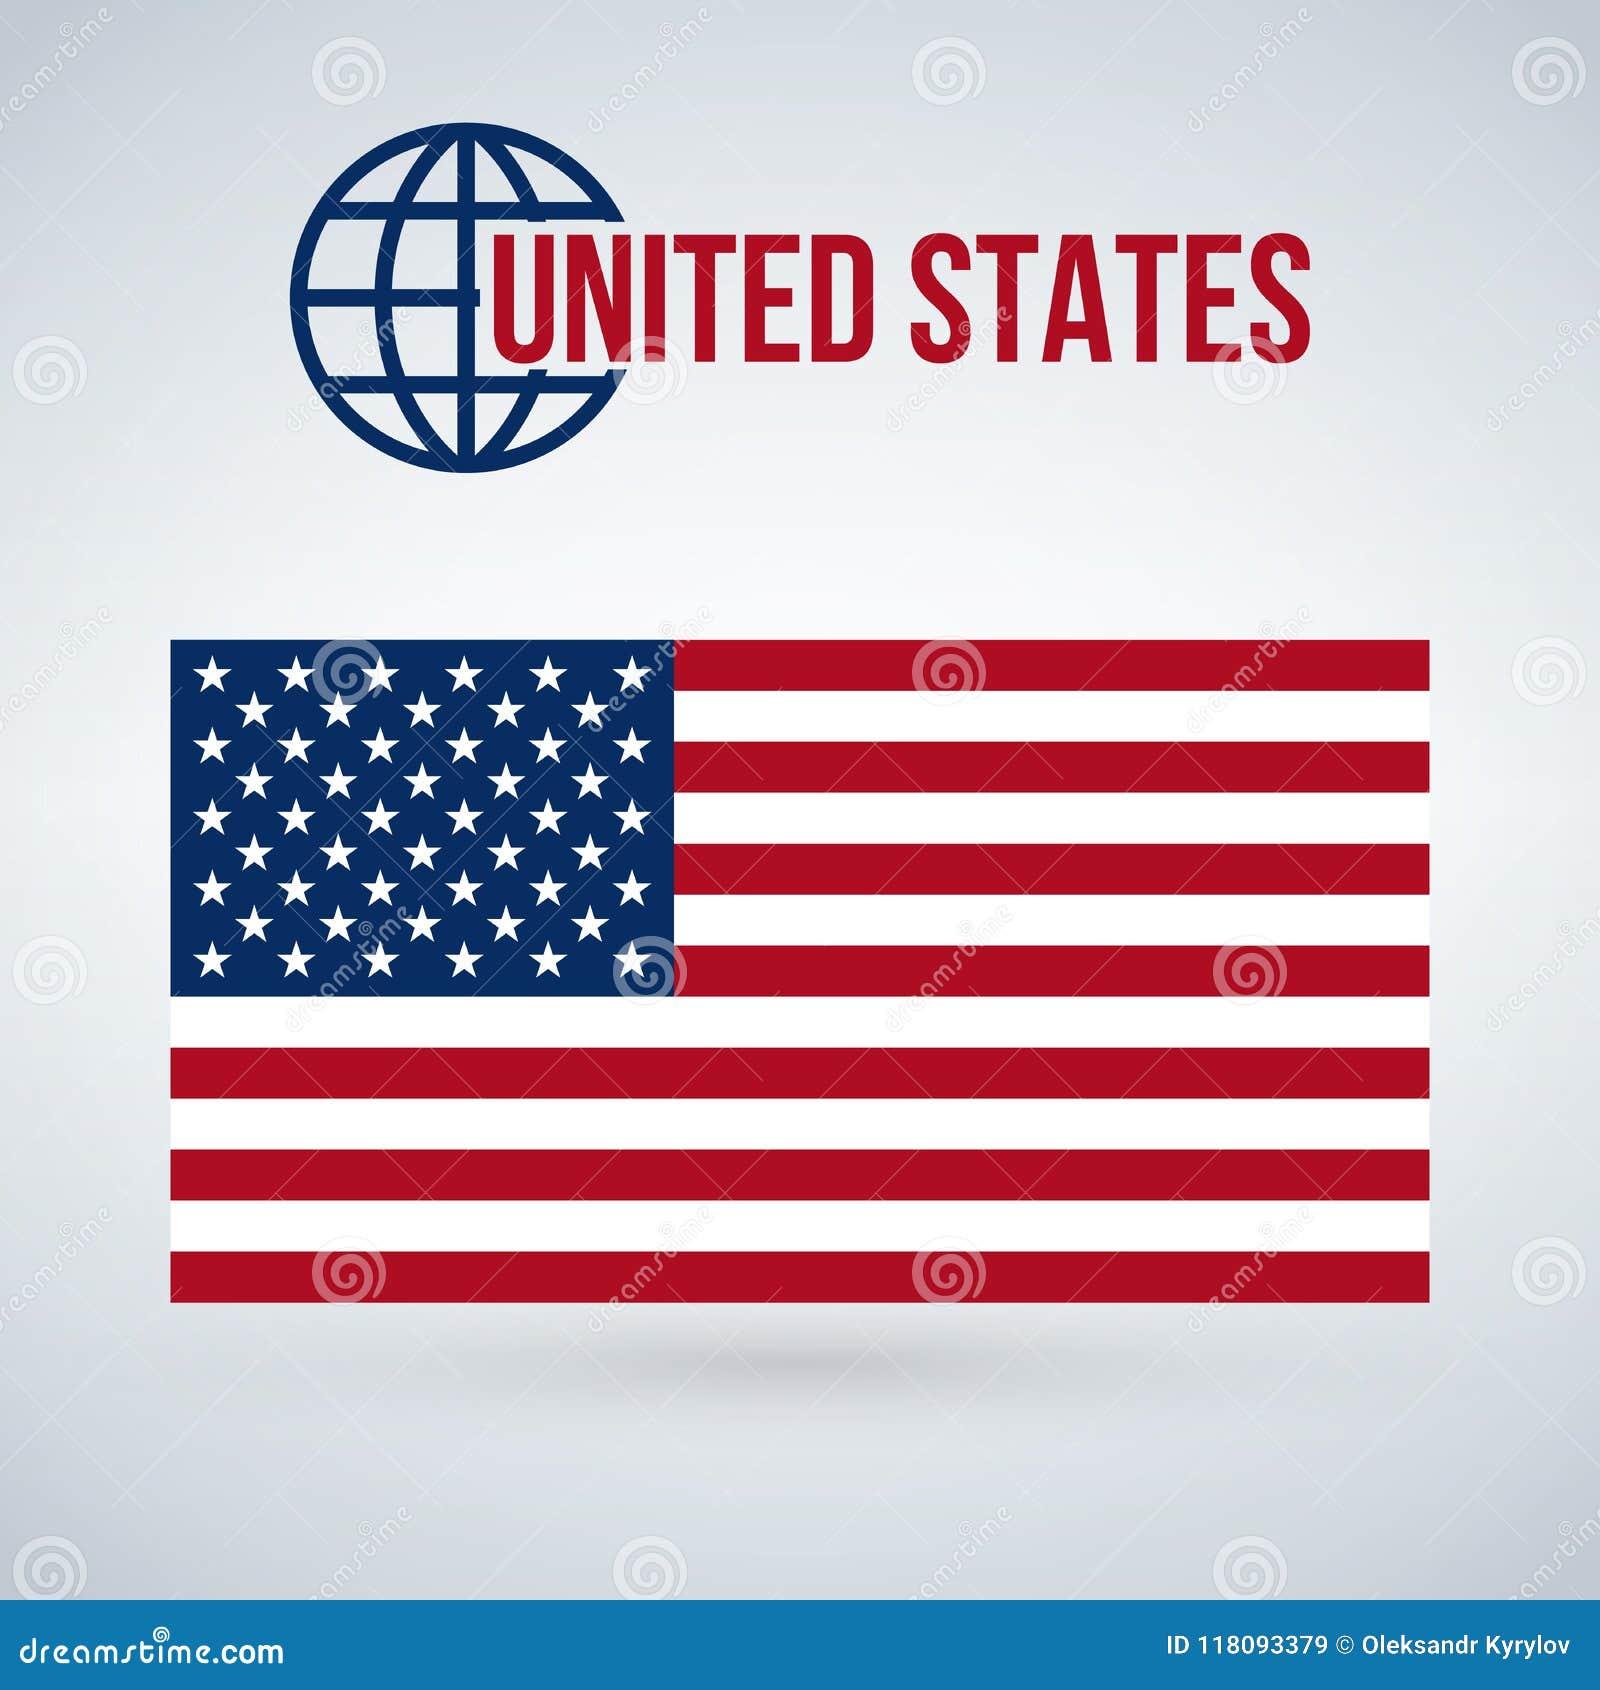 Förenta staterna sjunker, illustrationen som isoleras på modern bakgrund med skugga